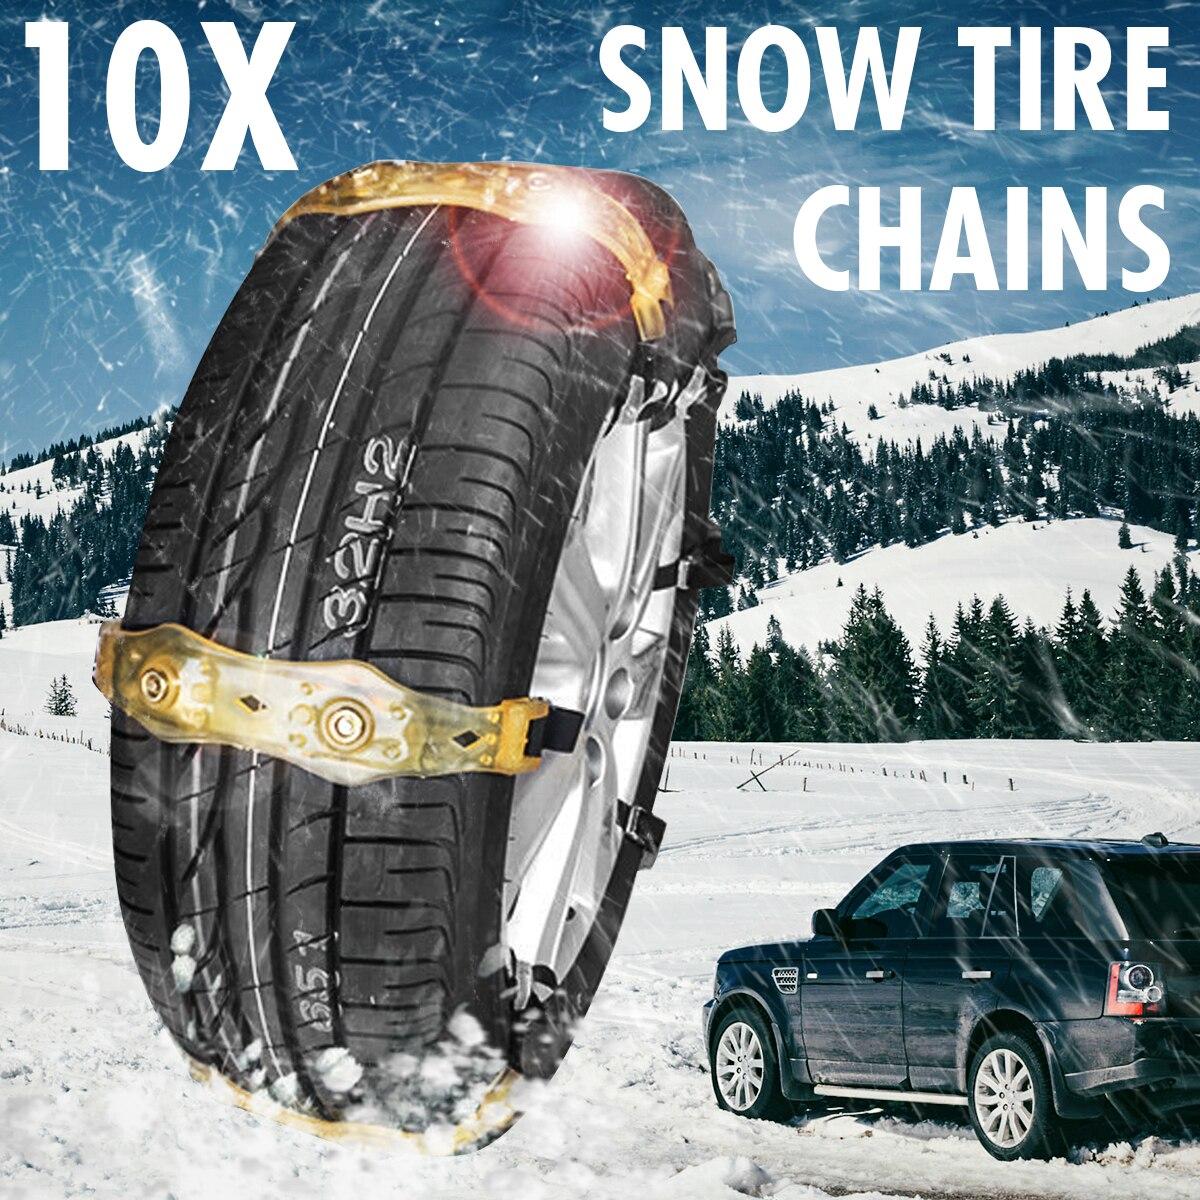 10 pièces voiture neige pneu neige chaîne hiver véhicule antidérapant résistant à l'usure Nylon chaîne avec neige pelle gants sac de rangement trousse à outils